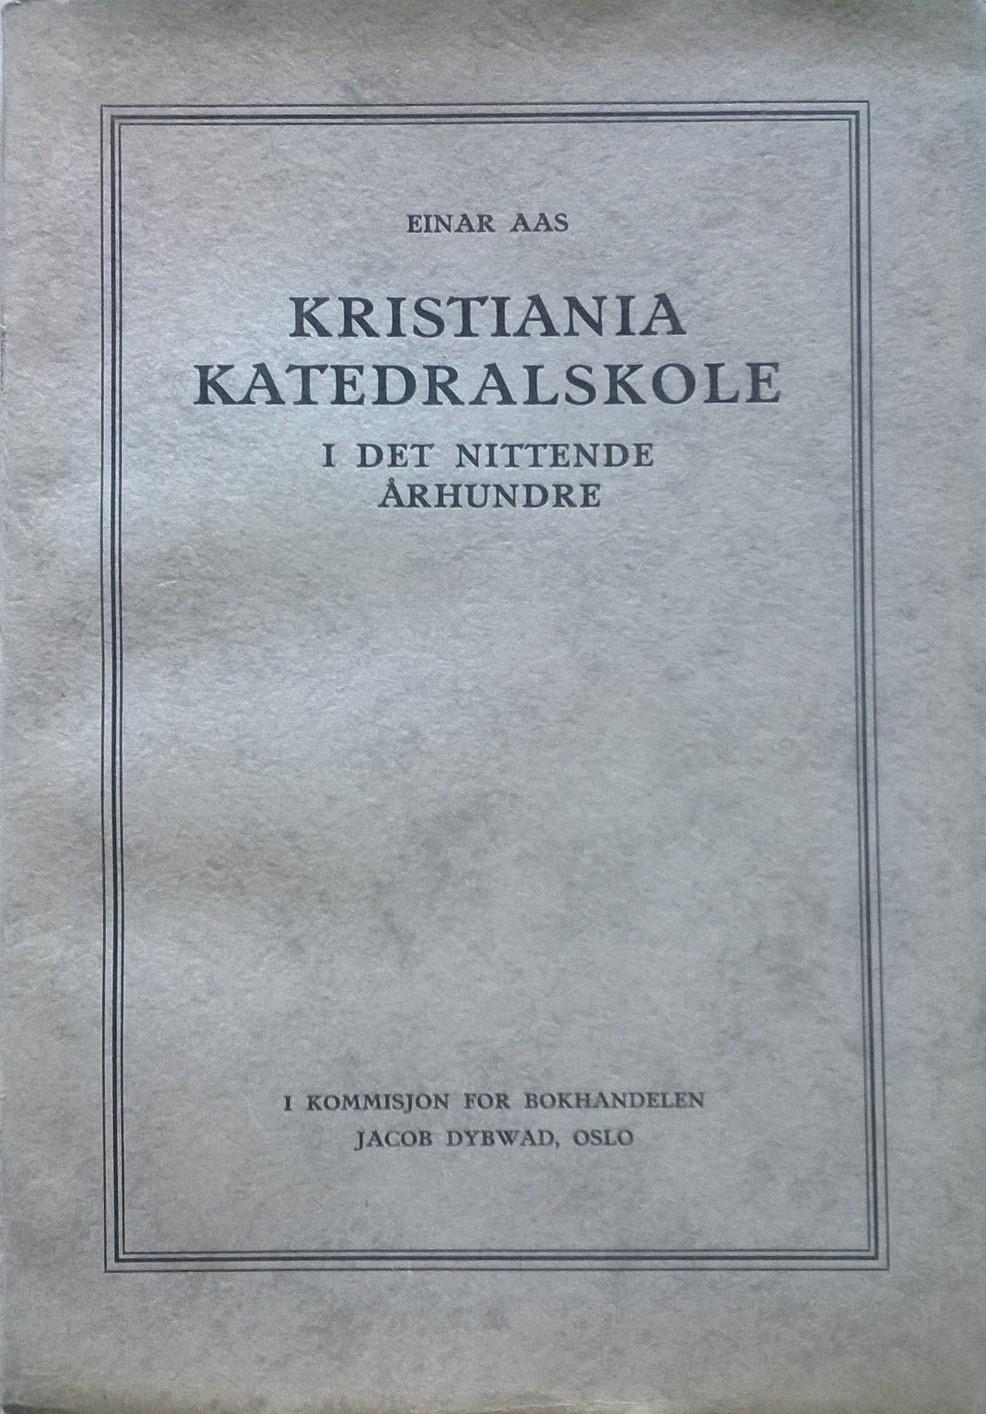 Aas, Einar Kristiania katedralskole i det nittende århundre